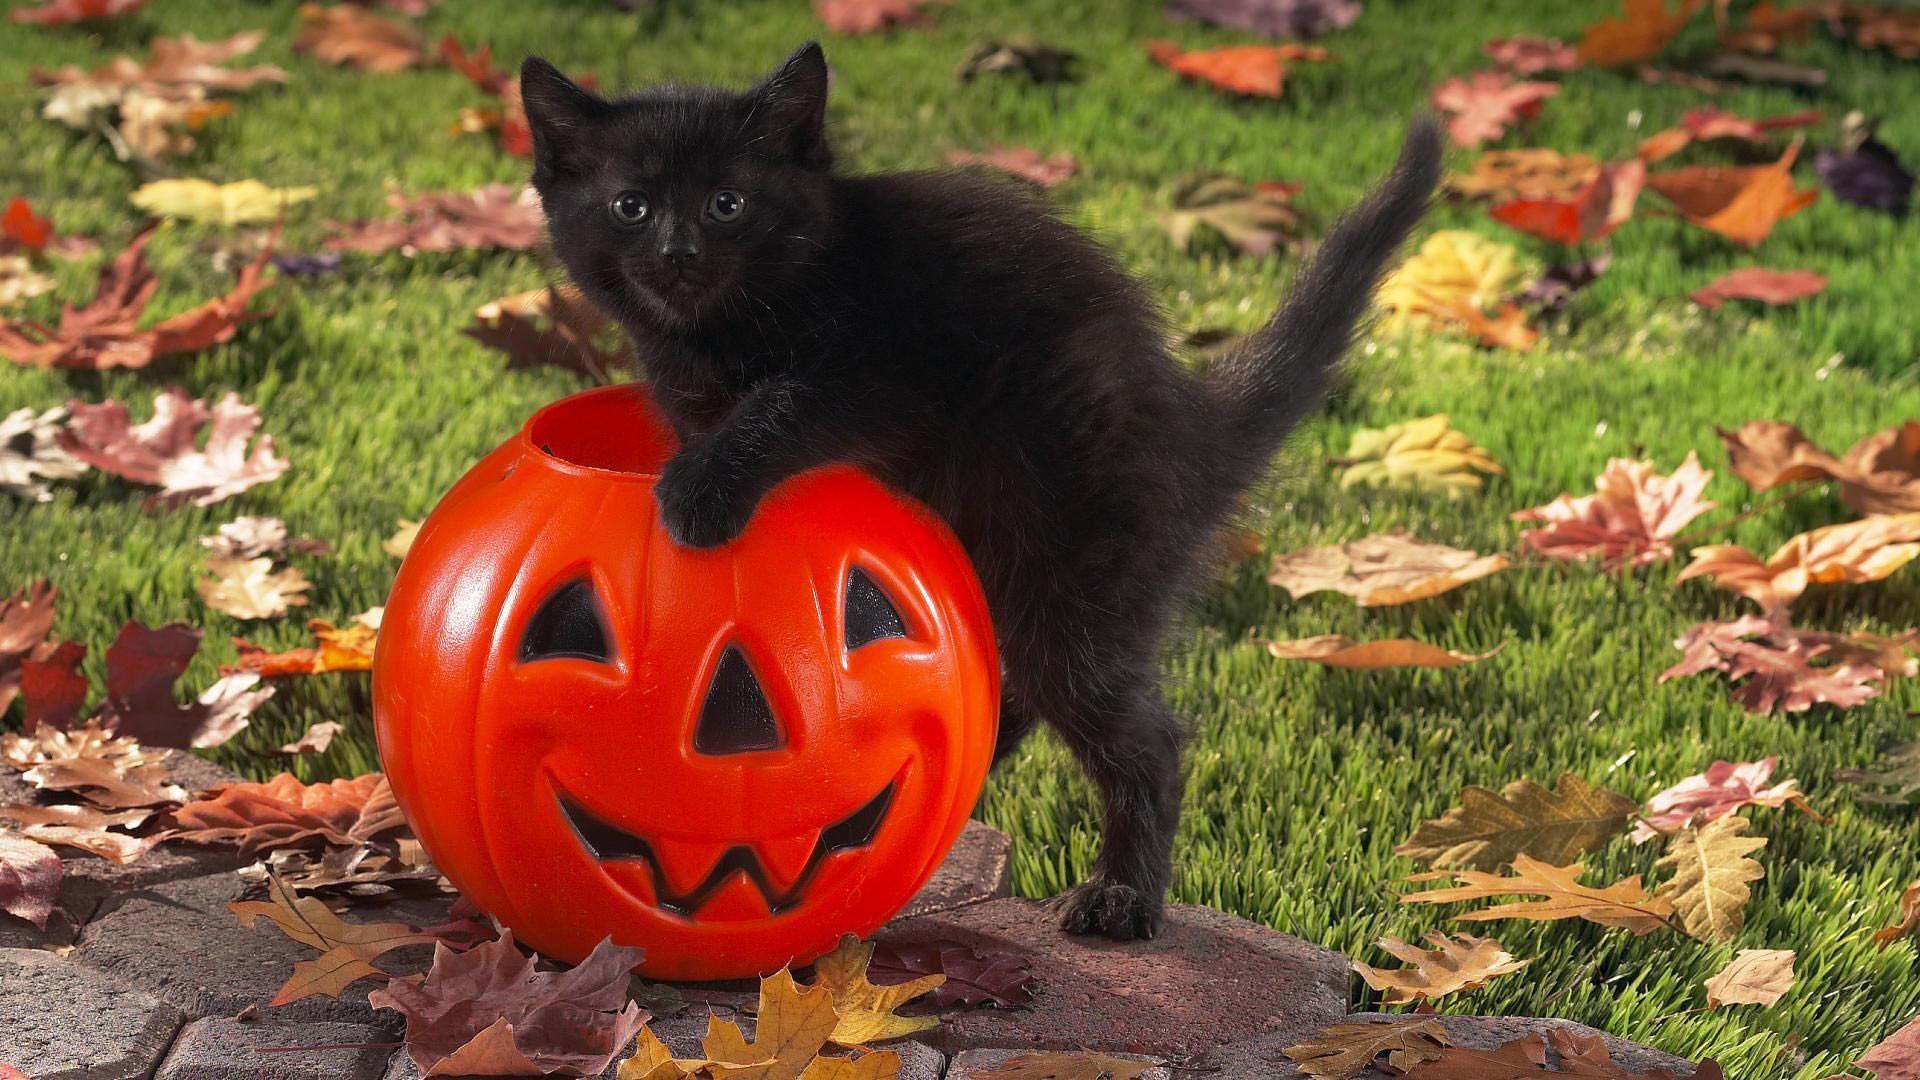 Cute Halloween Desktop Wallpaper 60 Pictures